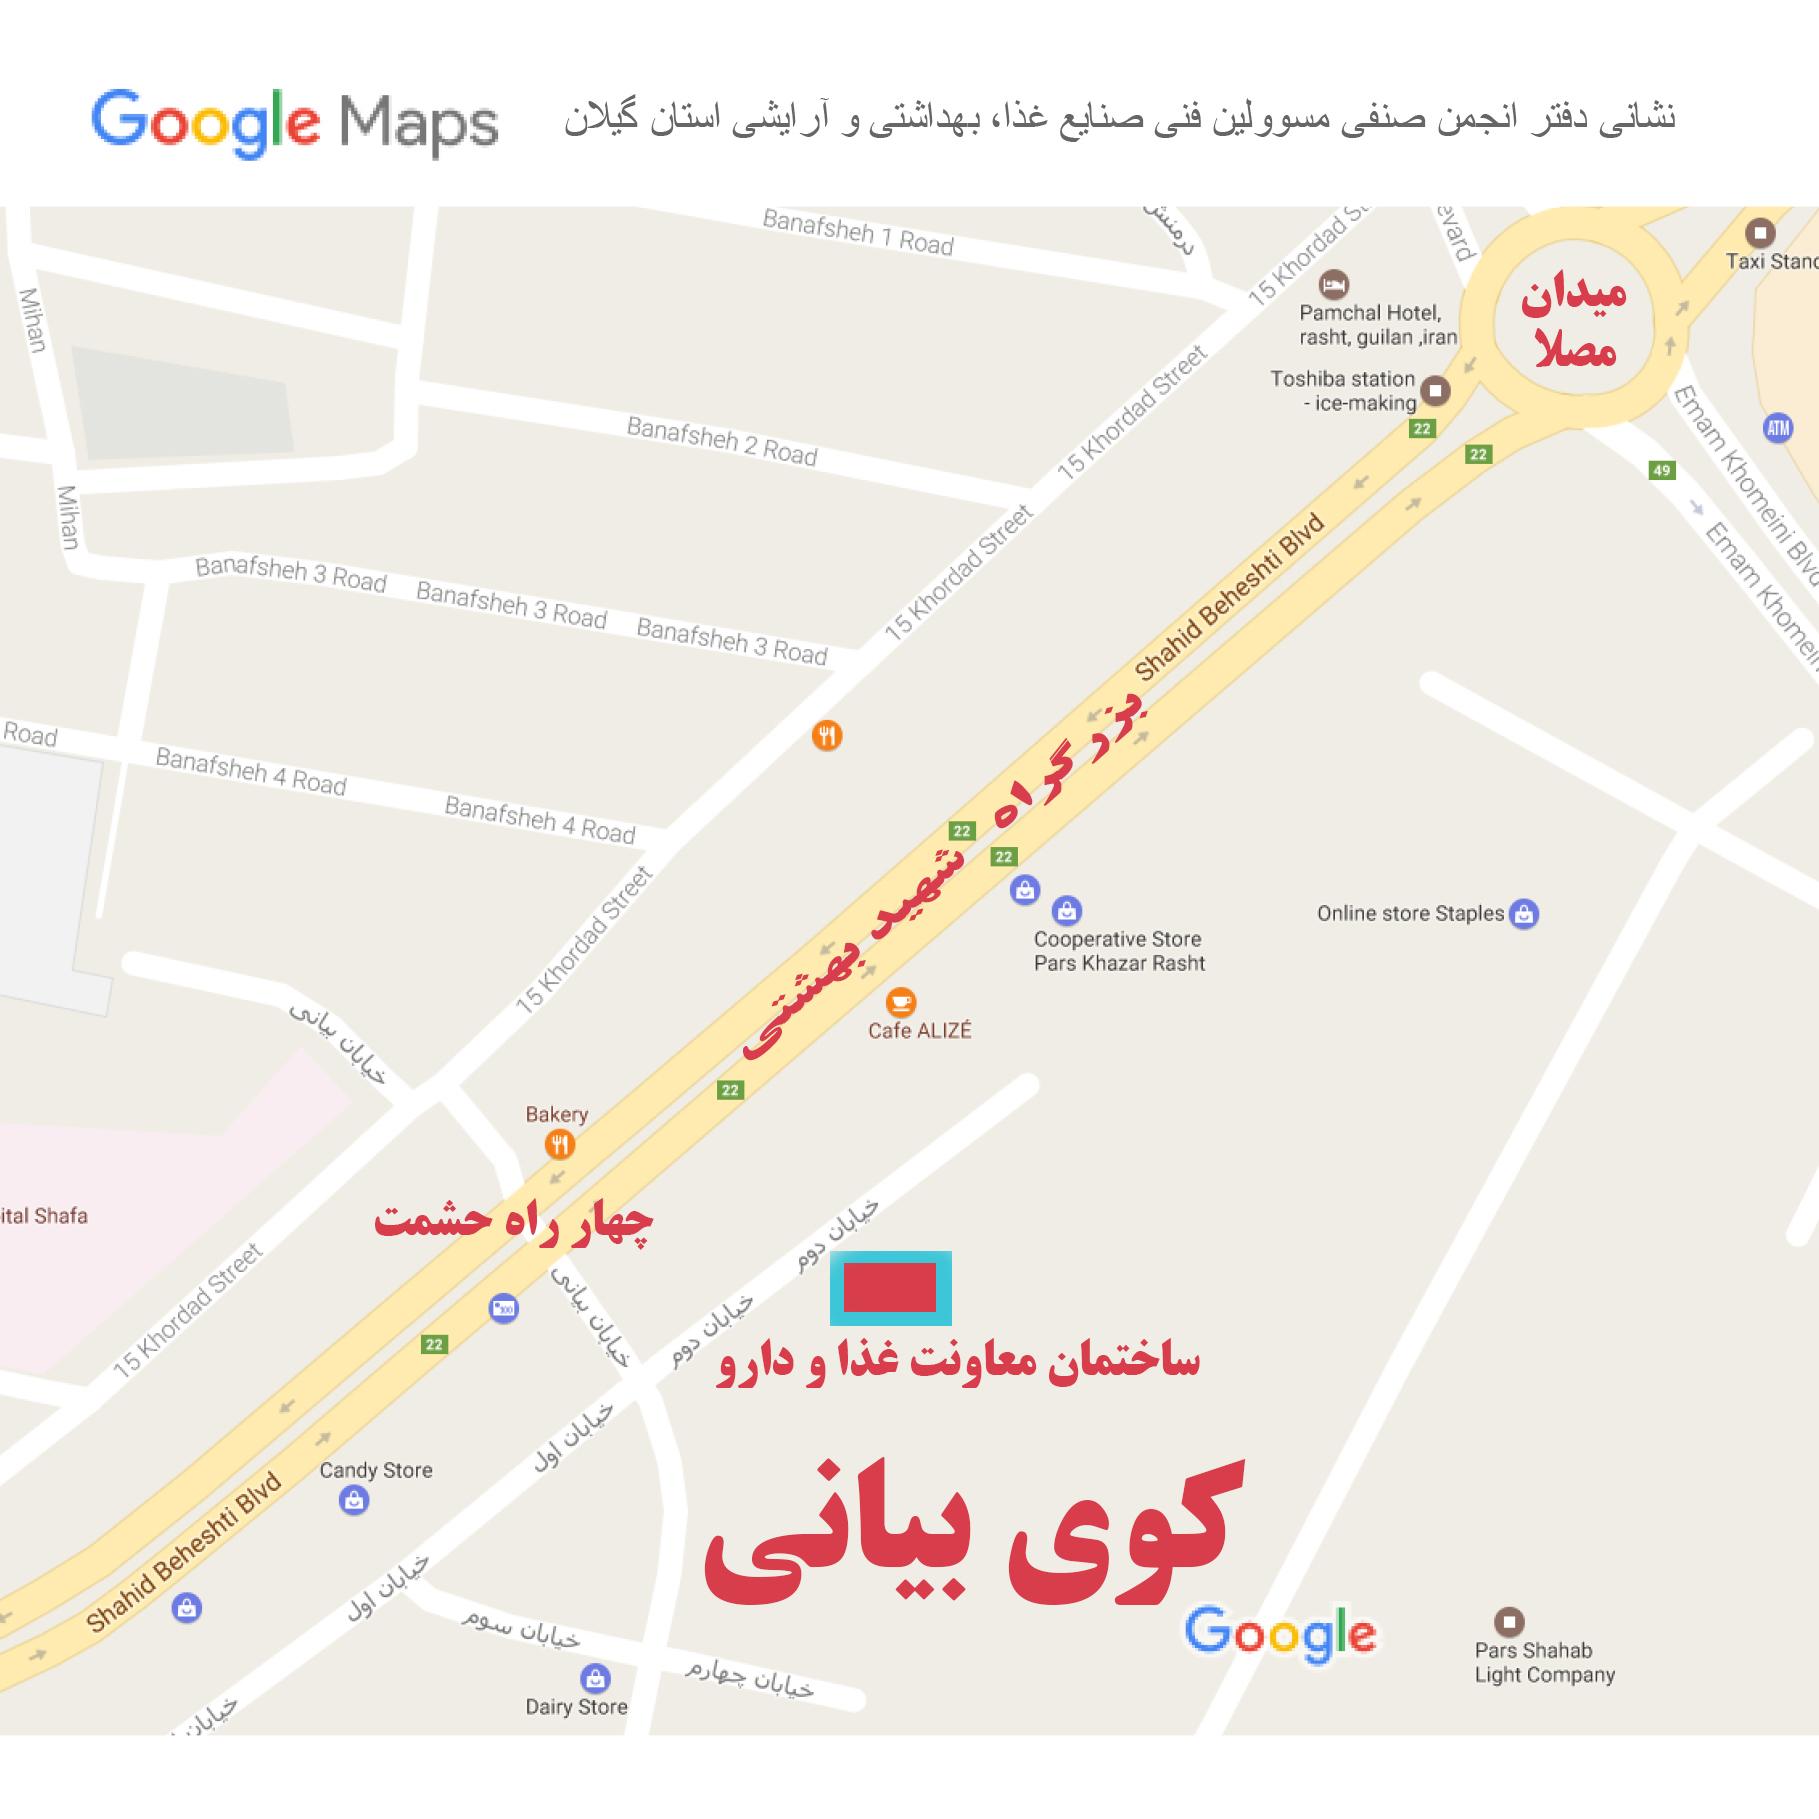 نقشه نشانی انجم صنفی مسوولین فنی صنایع غذایی، بهداشتی و آرایشی استان گیلان